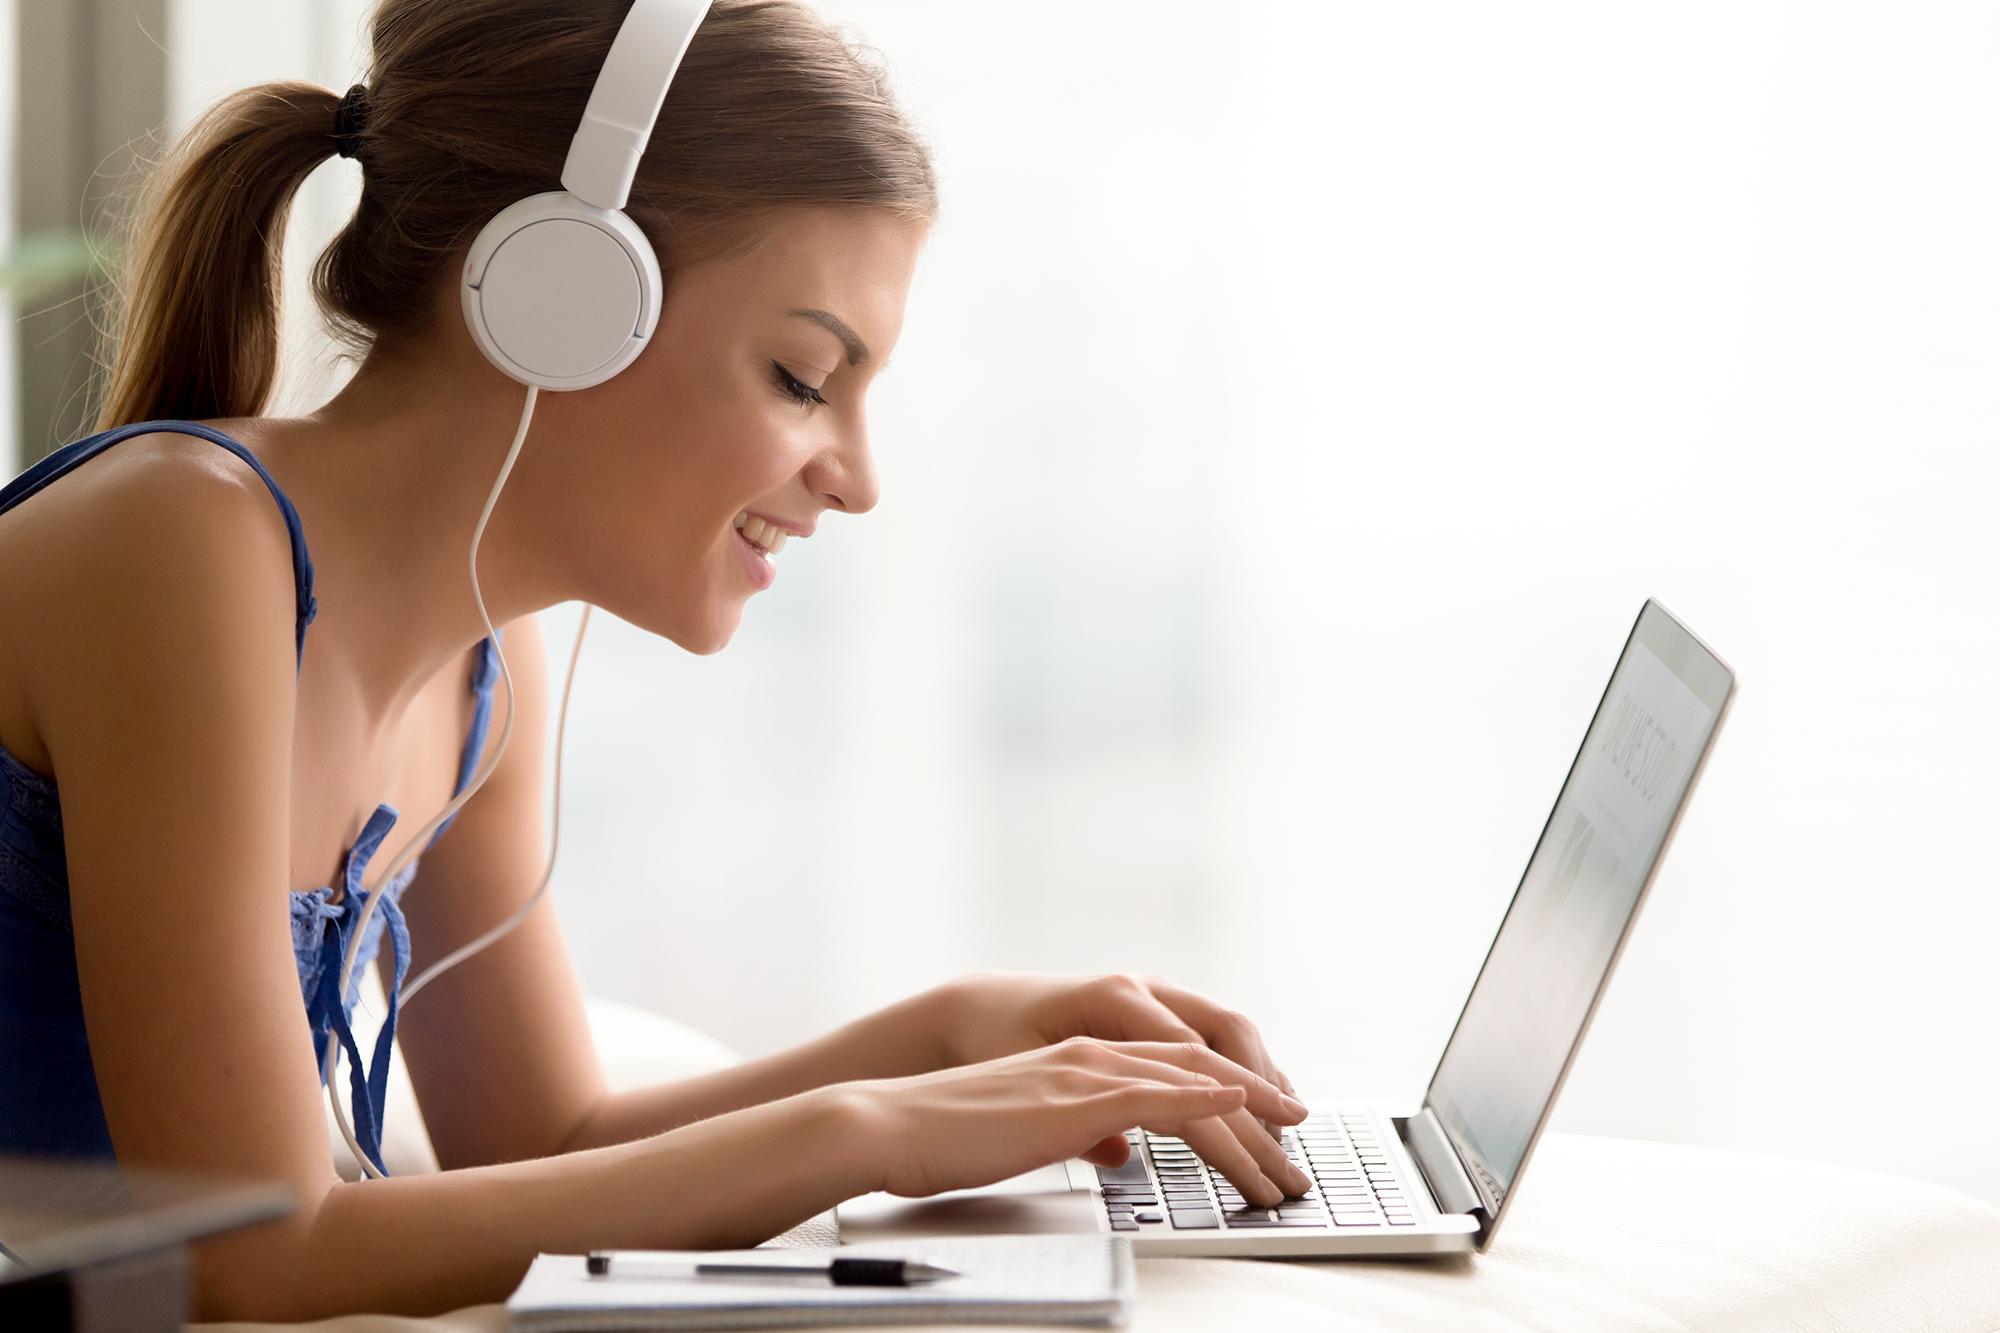 Online Sprachkurse von A1 bis C2 - Deutsch und Fremdsprachen